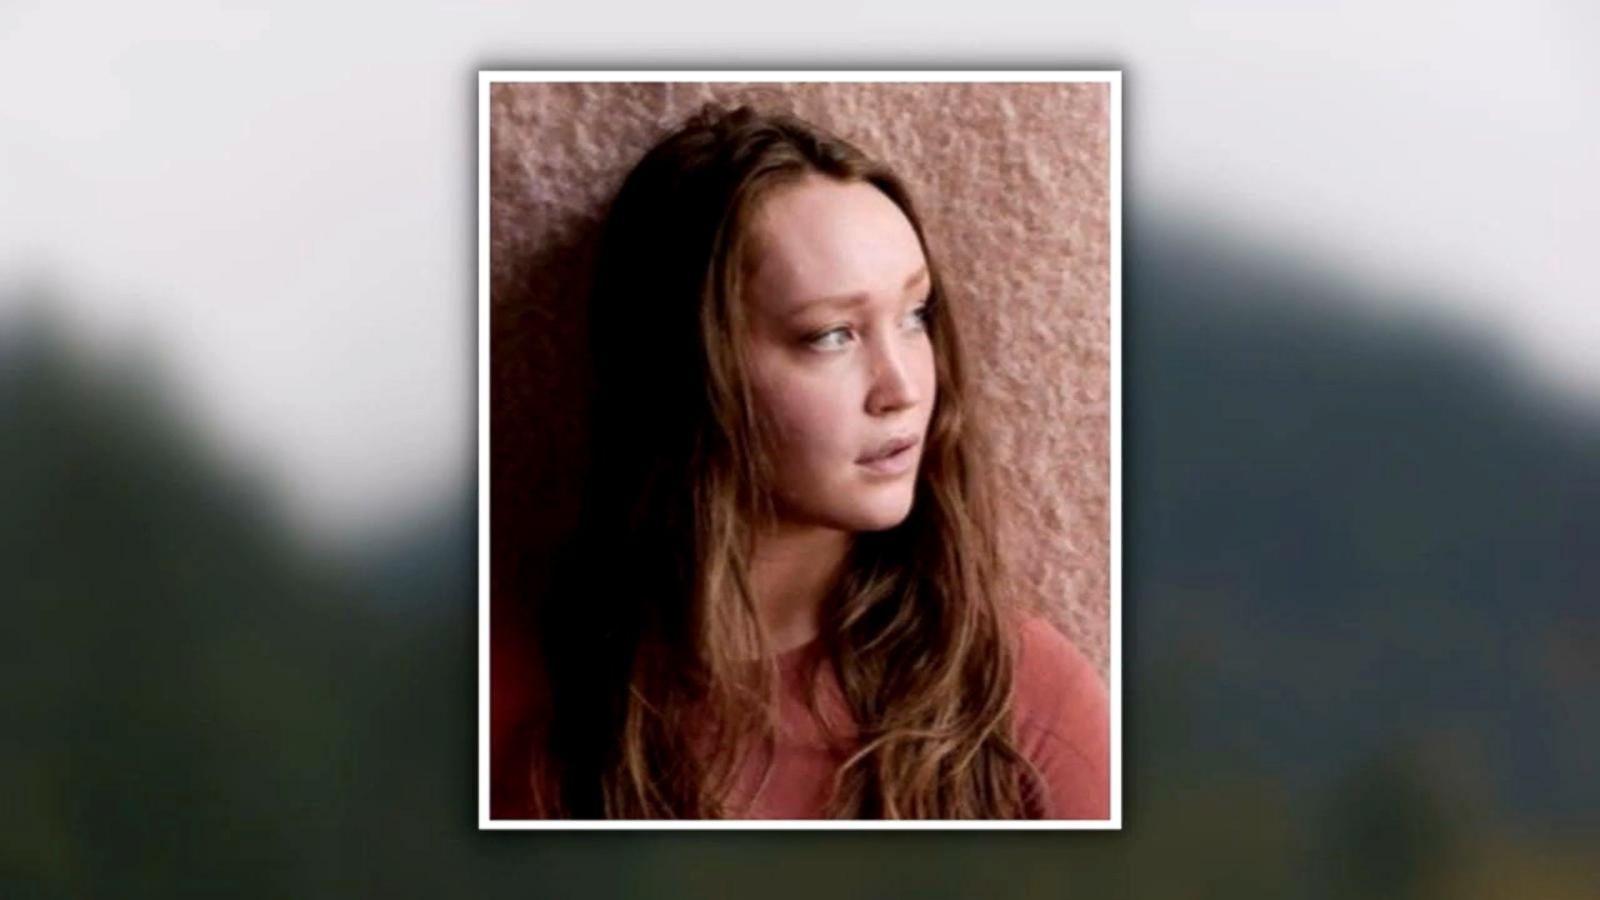 Daughter of The Piano Guys' Jon Schmidt Missing in Oregon